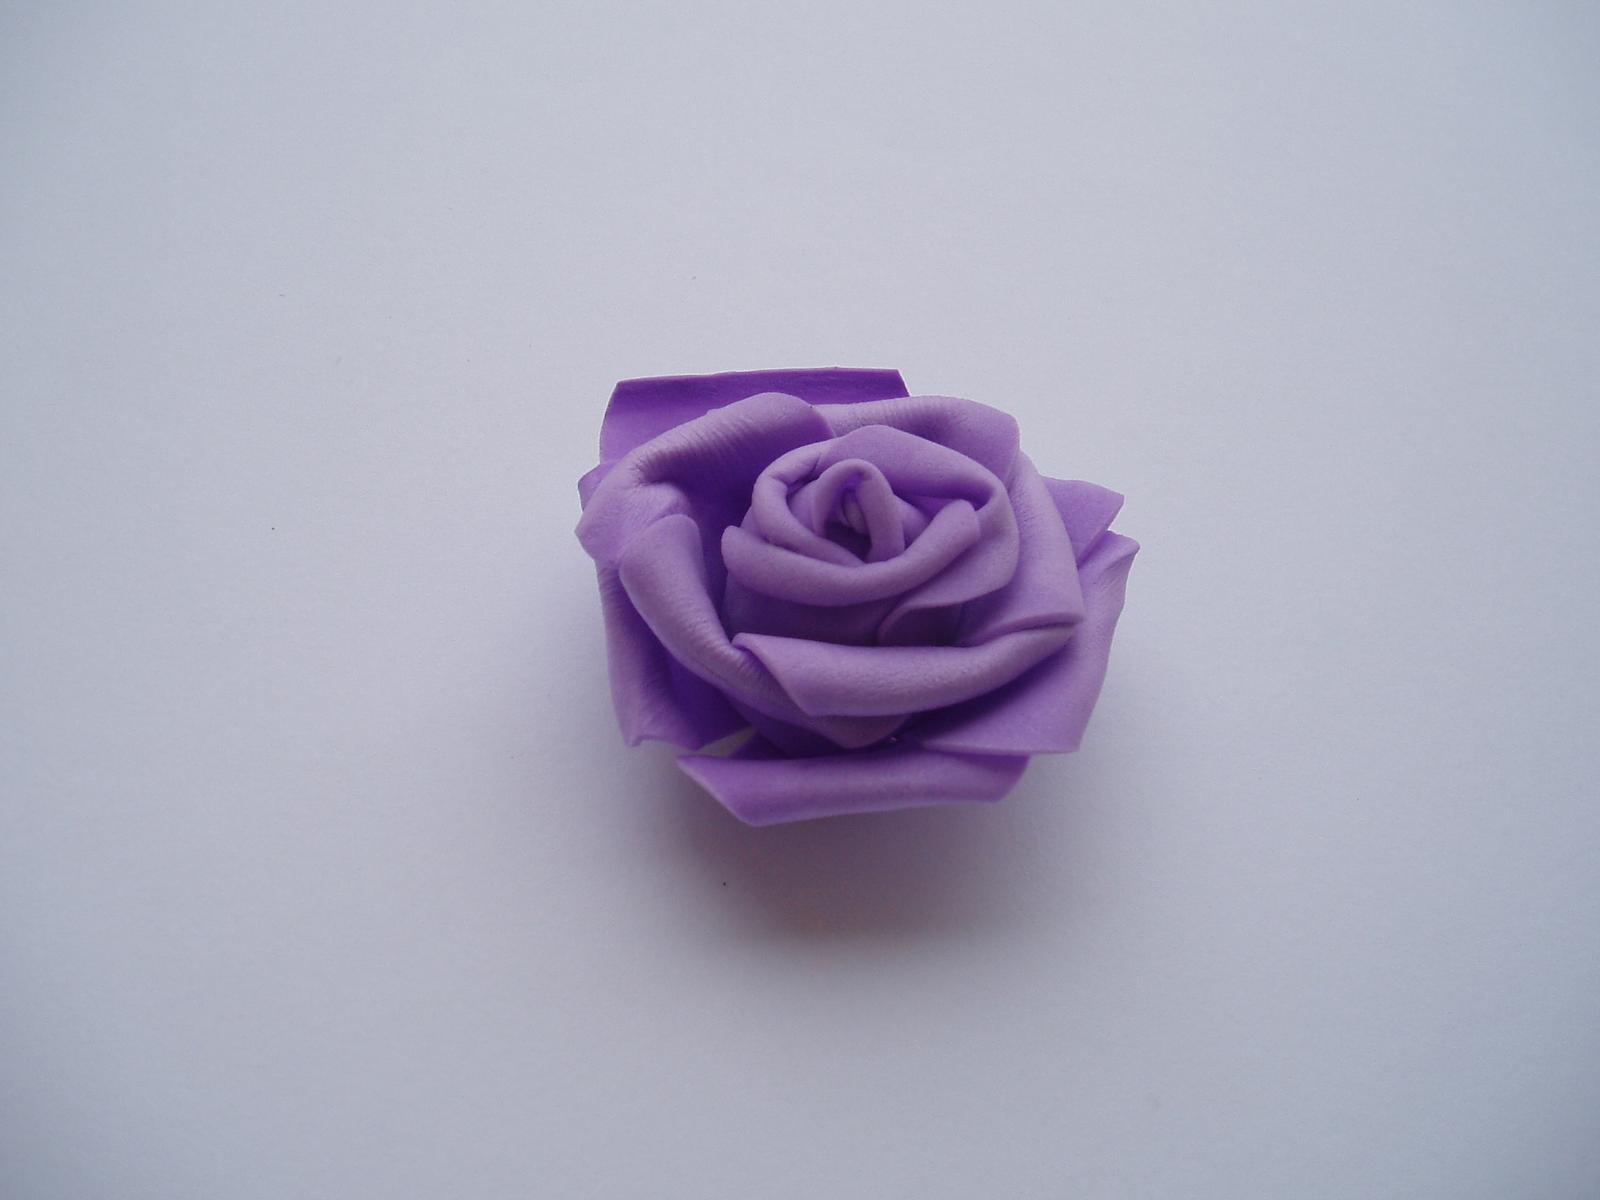 pěnová růže-lila - Obrázek č. 2